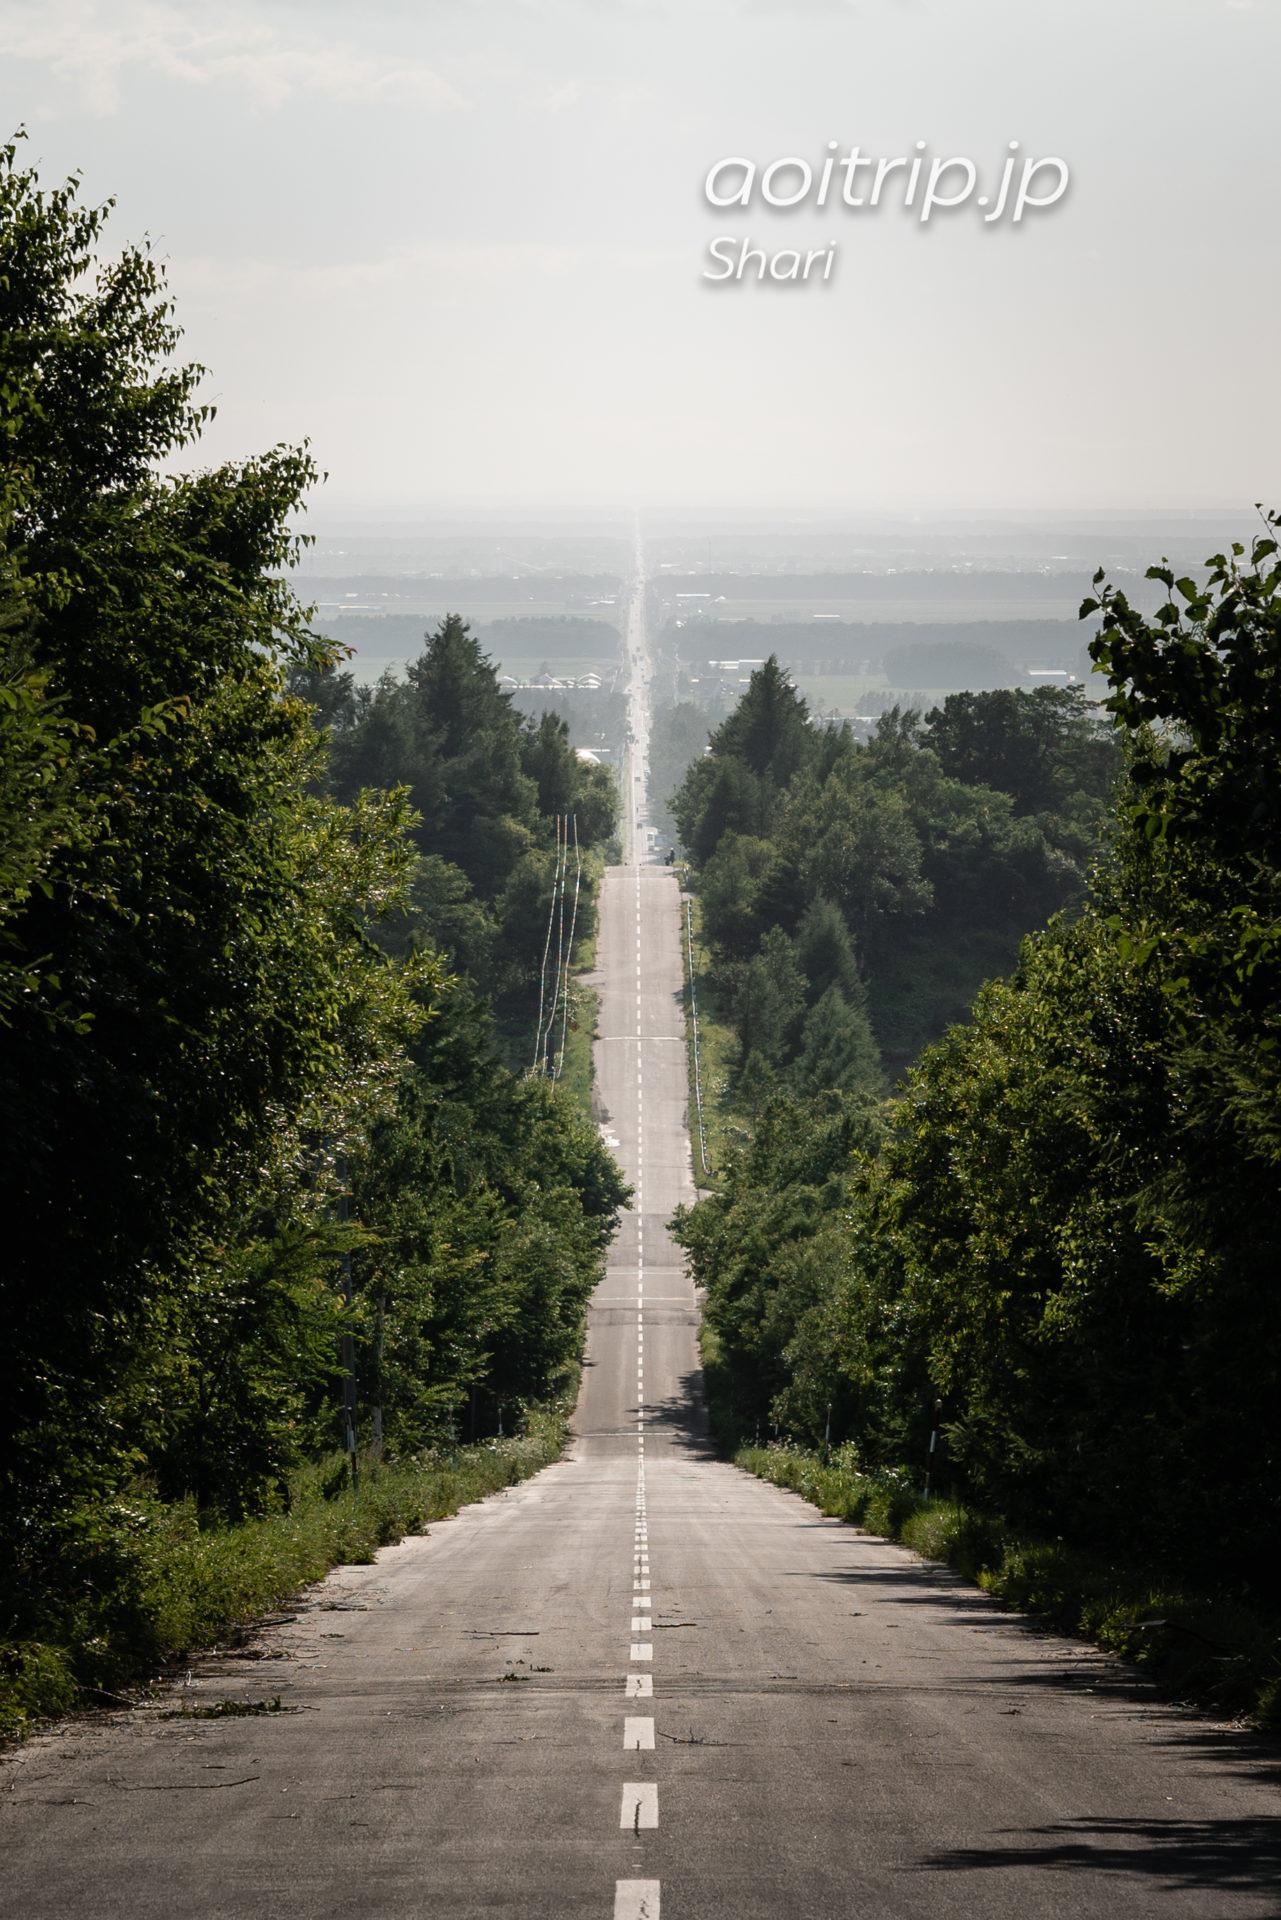 北海道 斜里町 天に続く道 Road to Sky, Shari